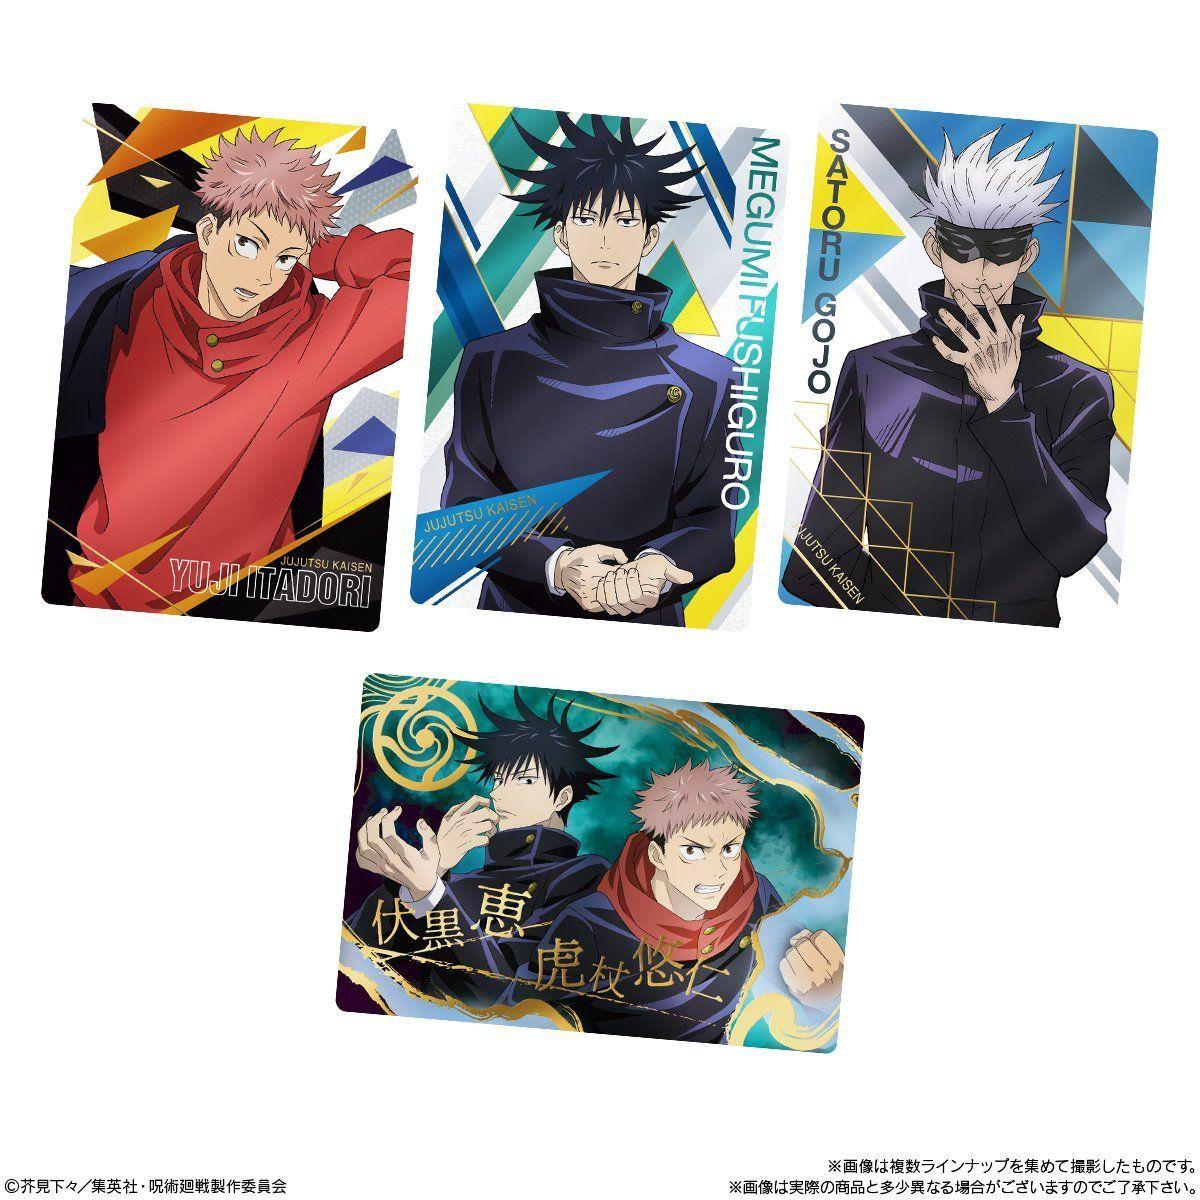 【食玩】呪術廻戦『呪術廻戦ウエハース2』20個入りBOX-008